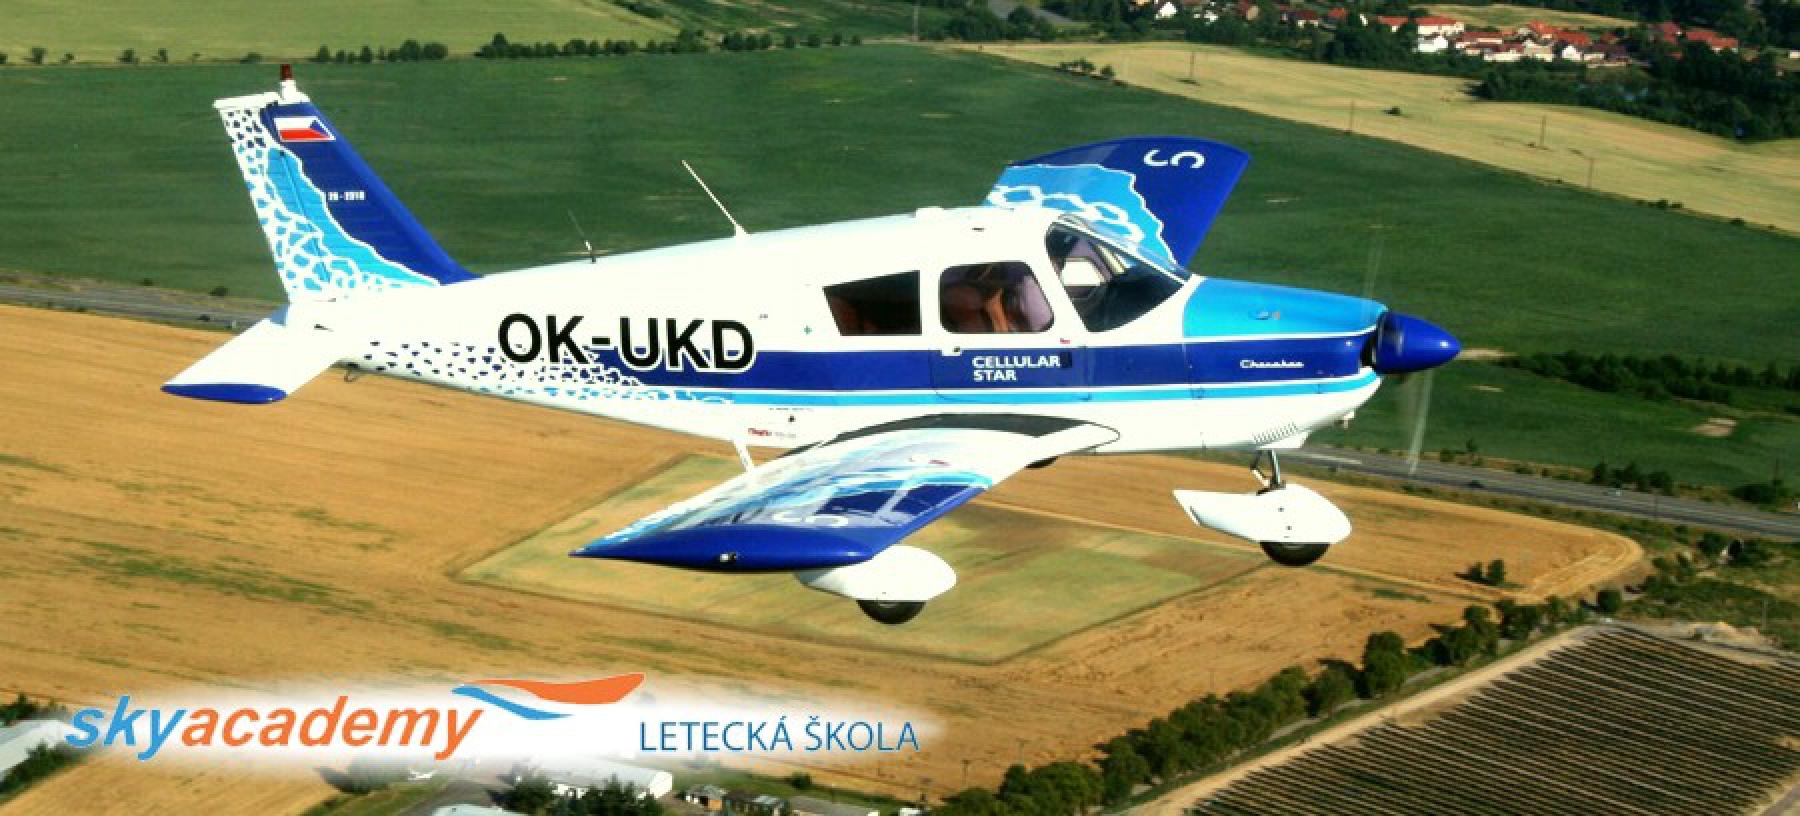 Pilotem na zkoušku nebo vyhlídkový let pro 2 osoby